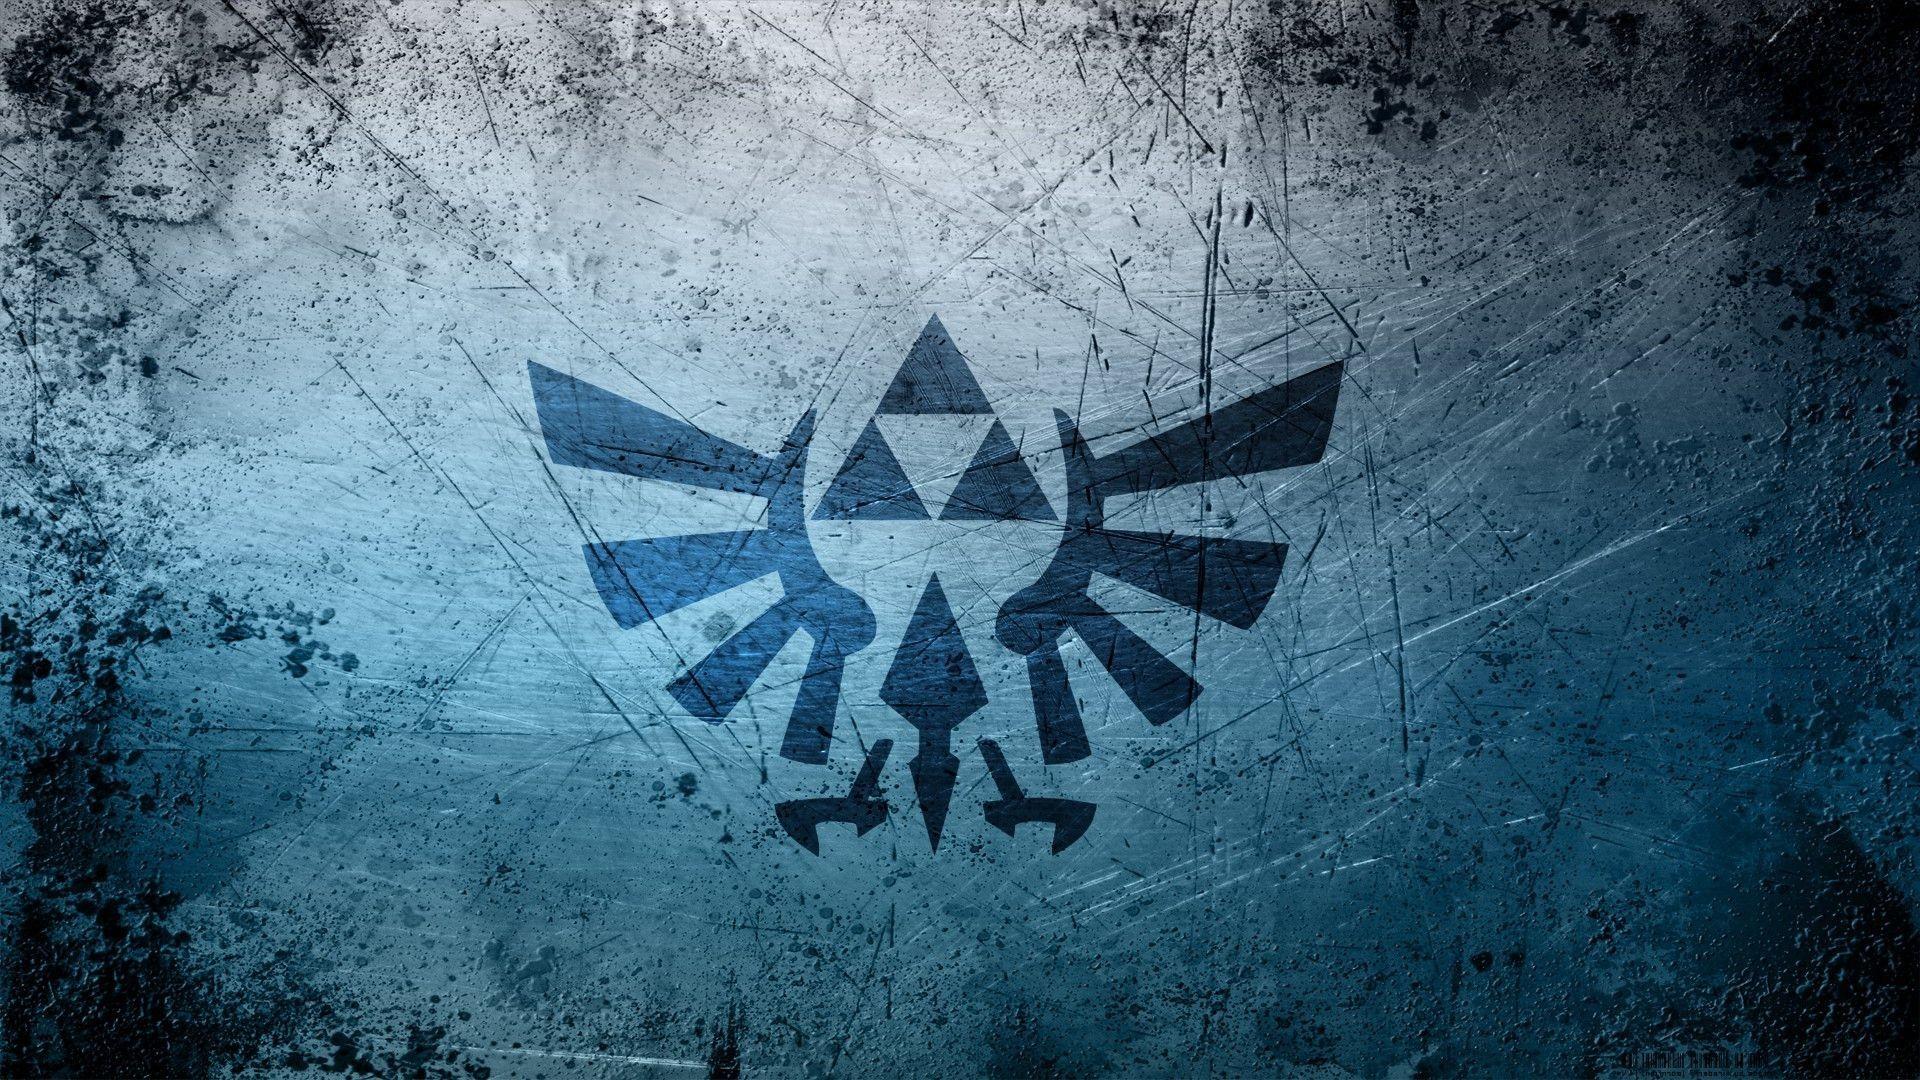 Hd Wallpapers Legend Of Zelda 77 Images